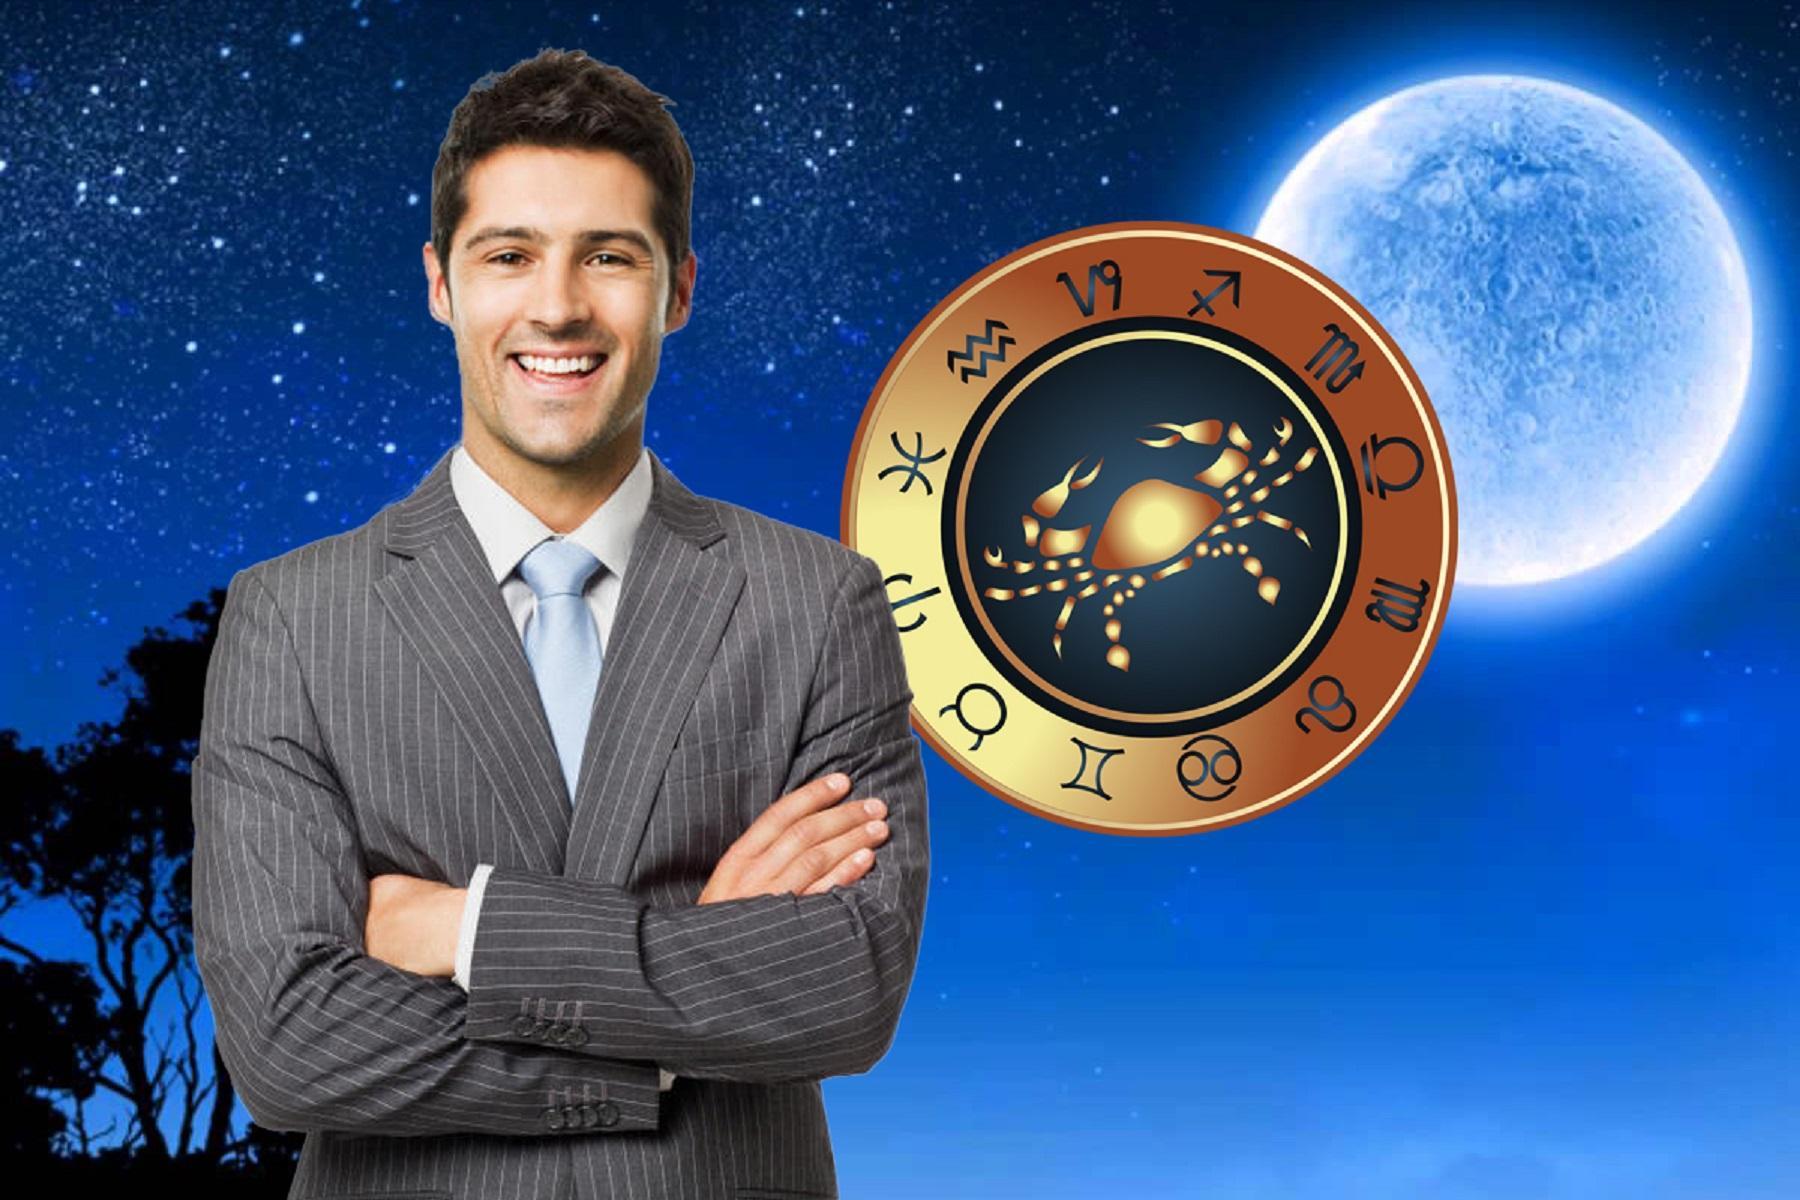 Граждане  Краснодарского края увидят первое лунное затмение в 2020